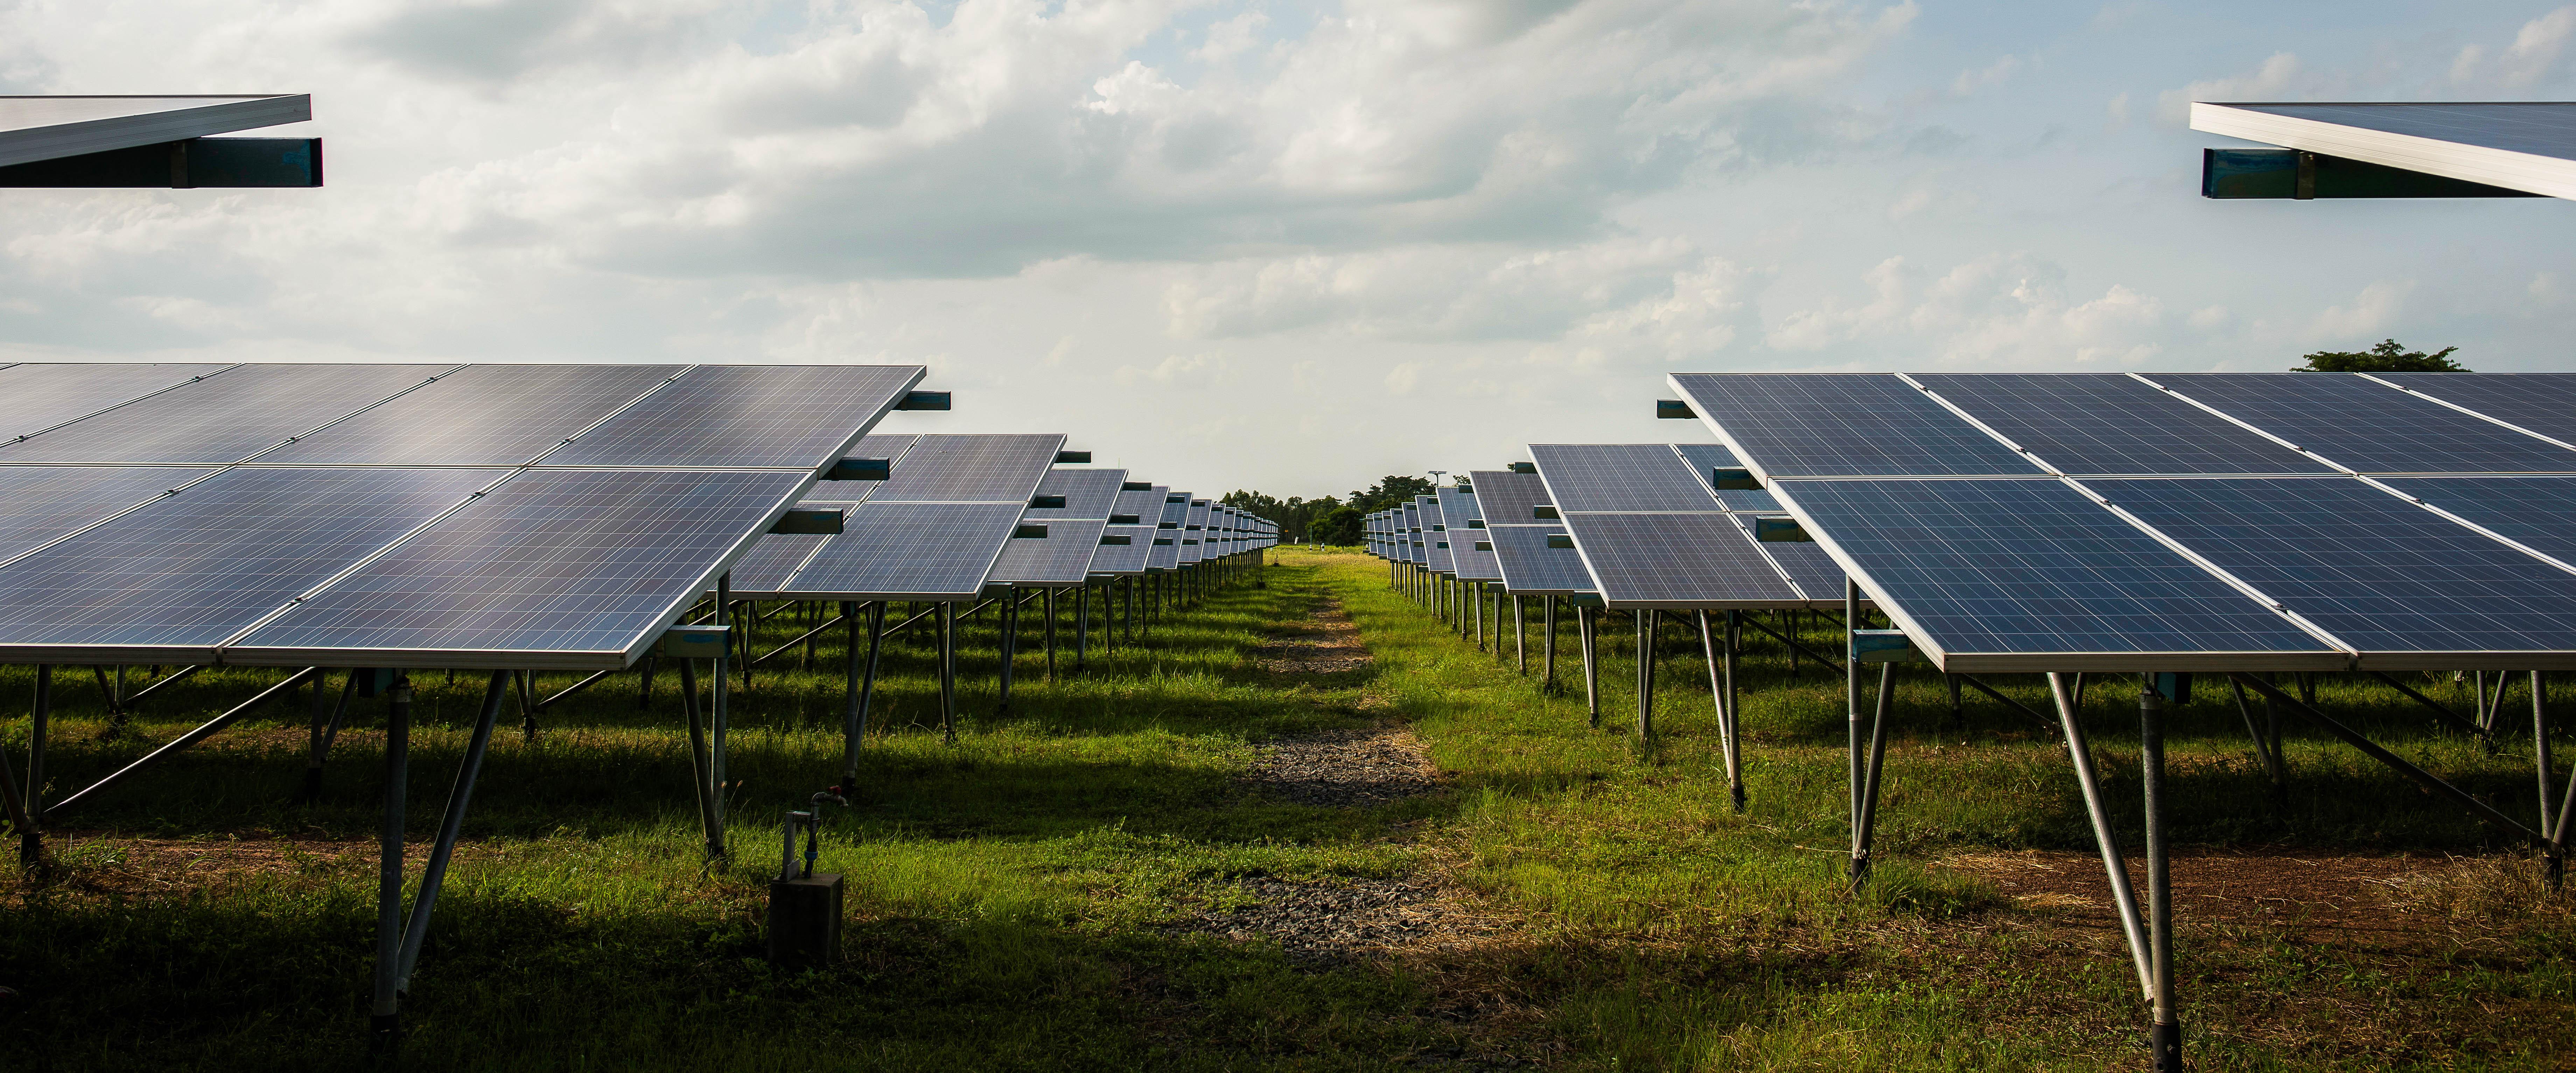 Aos 97 anos, indústria de borracha constrói usina com 2,6 mil placas de energia solar